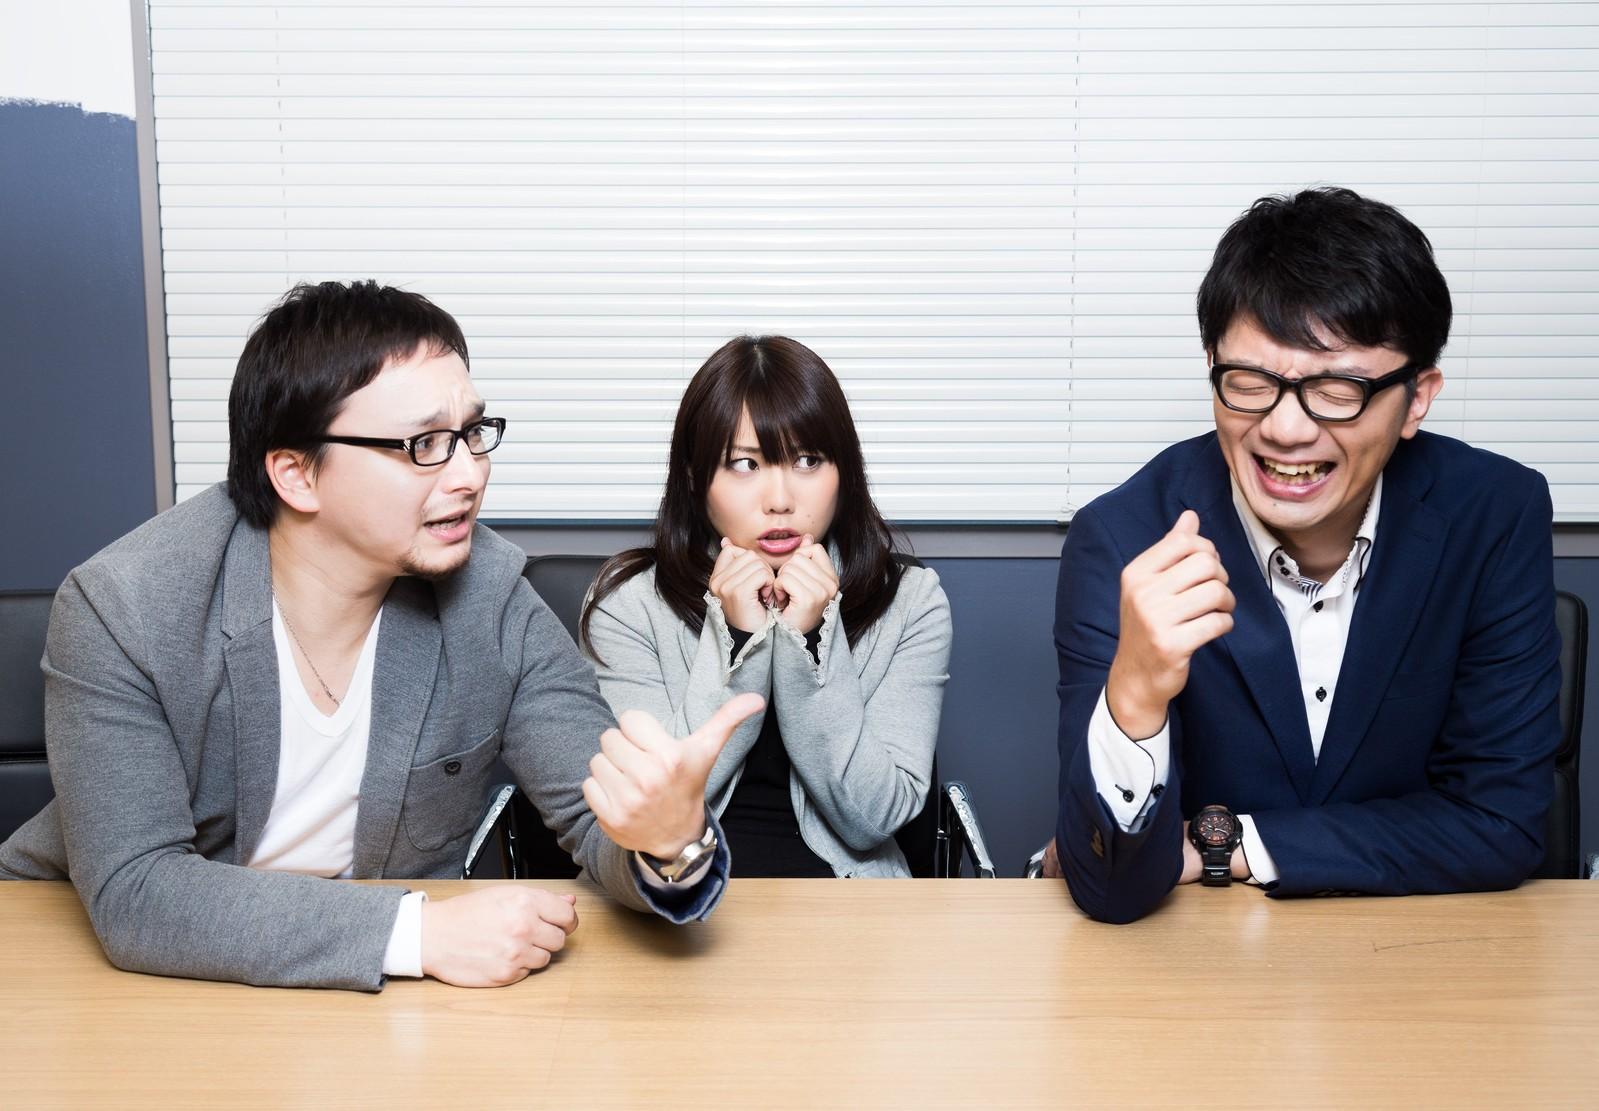 コミュニケーション能力が高すぎる人の特徴とは?